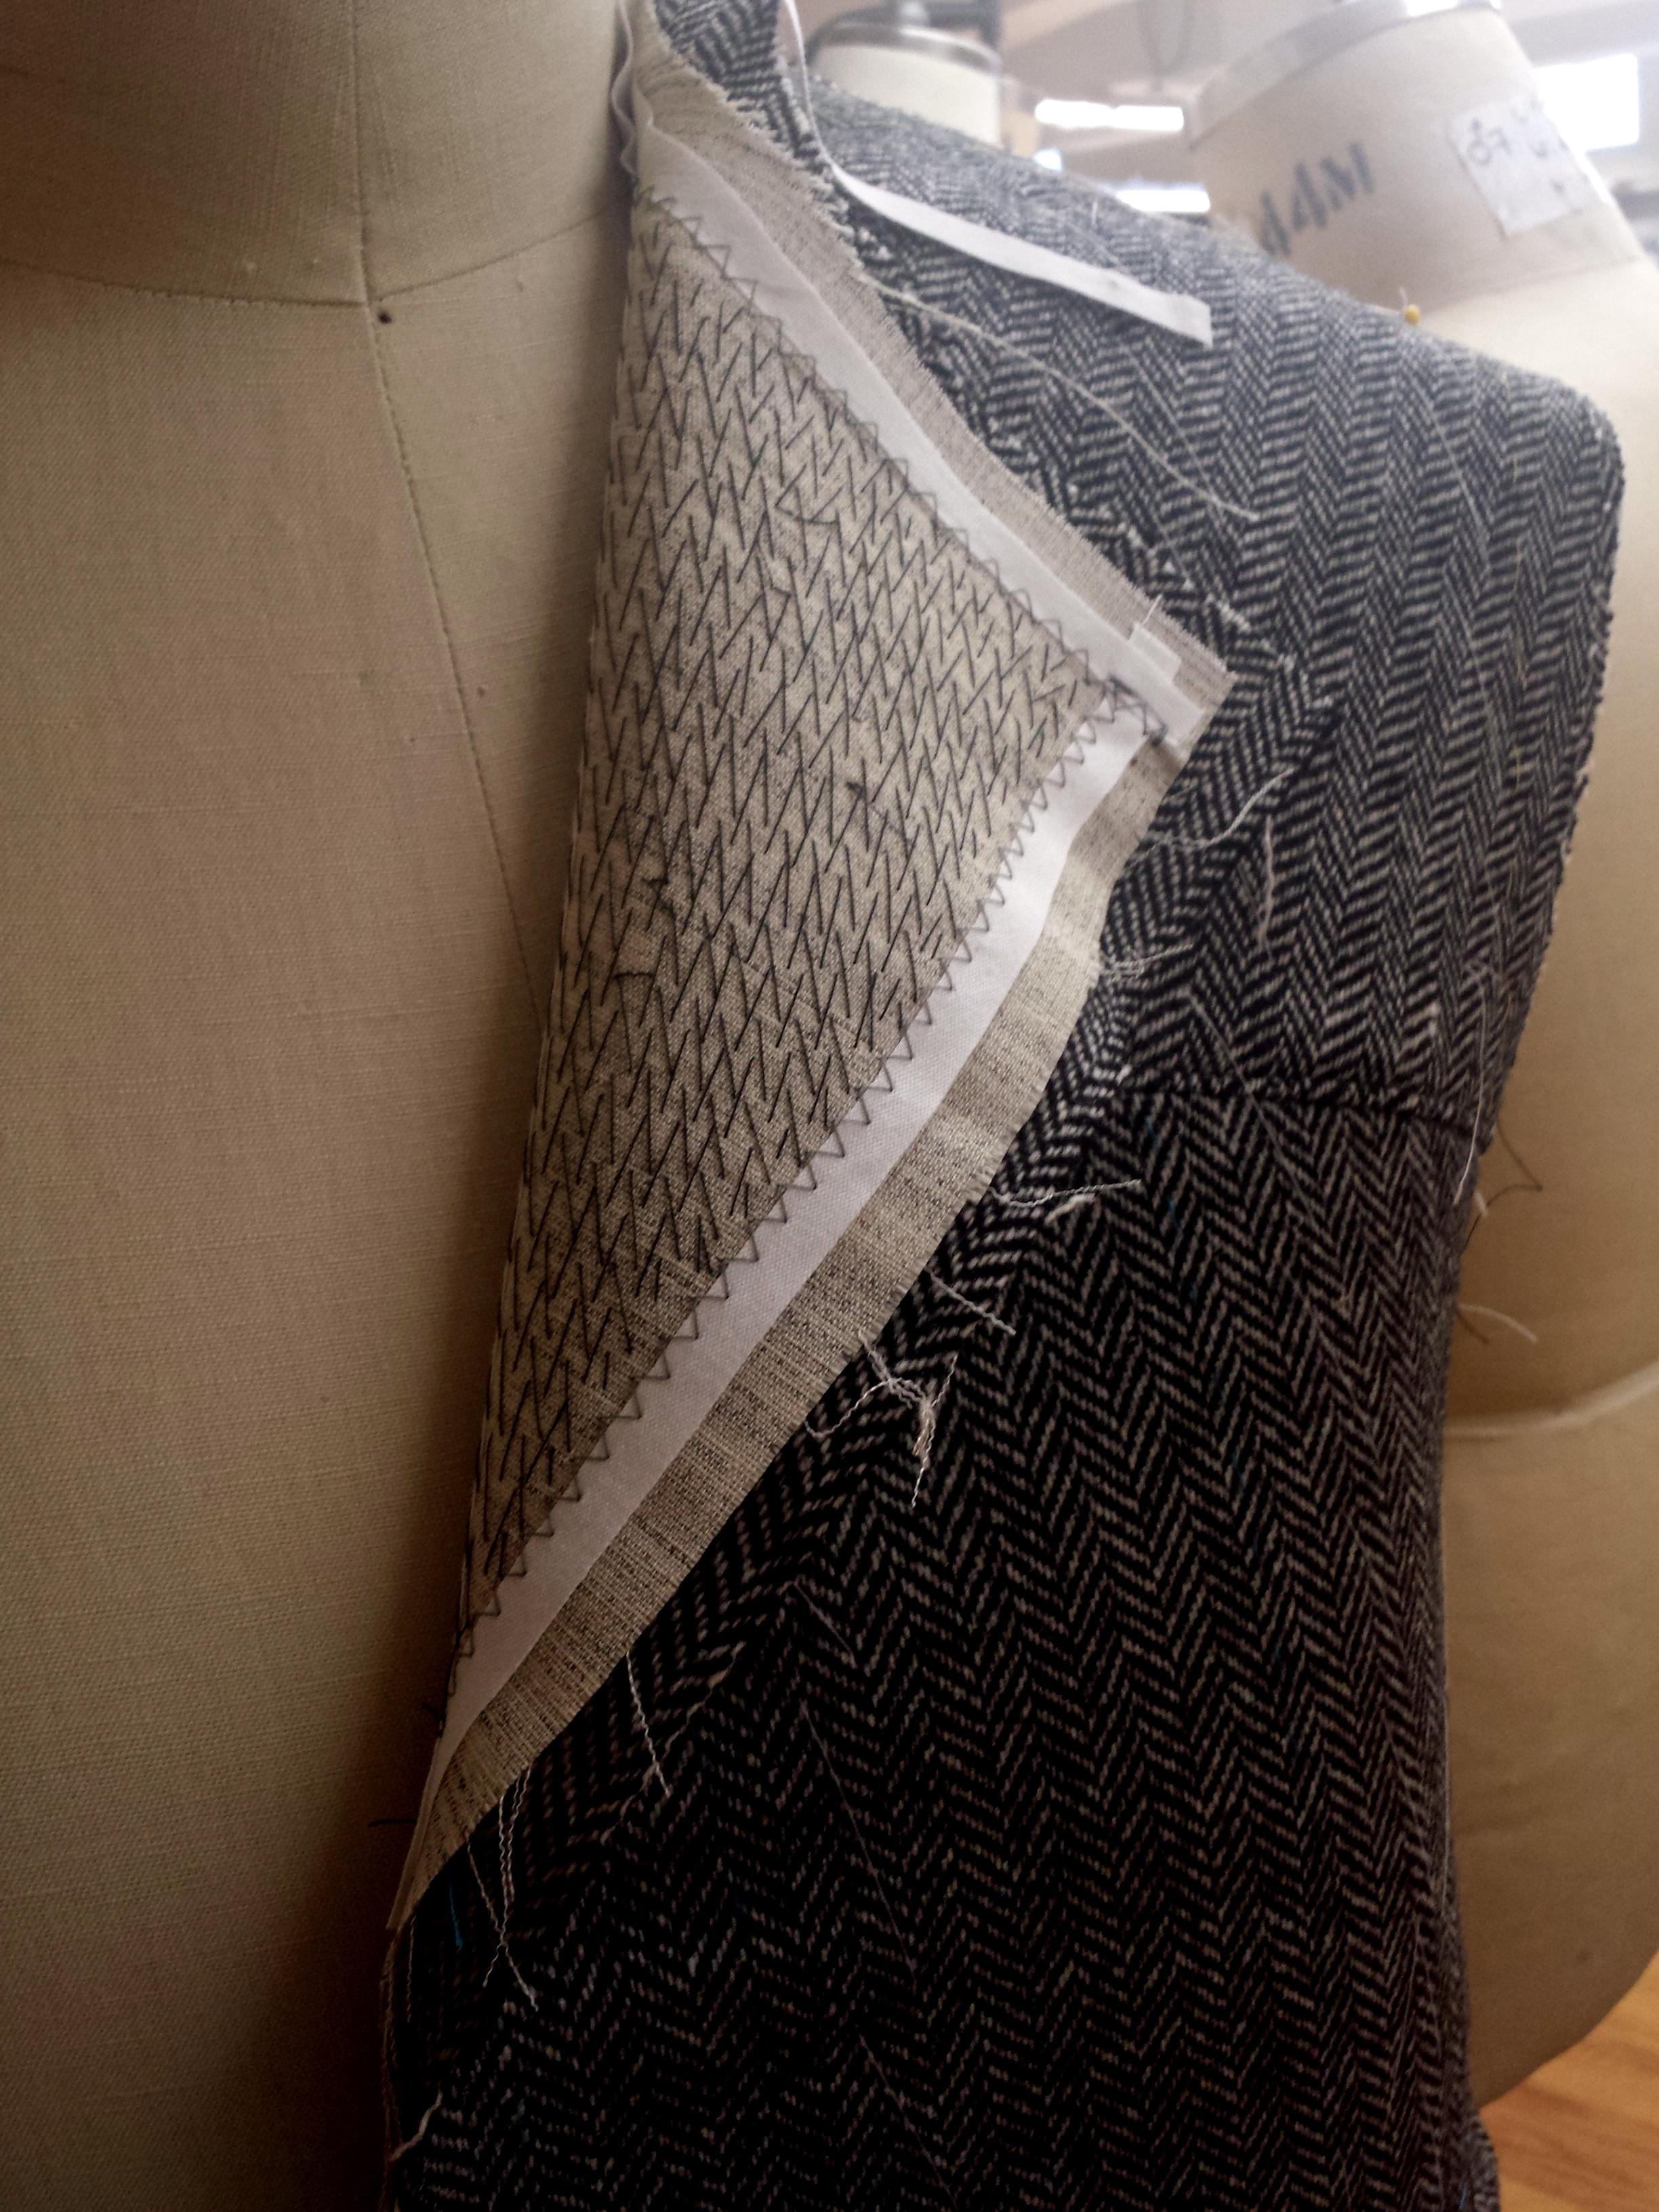 Pad stitching